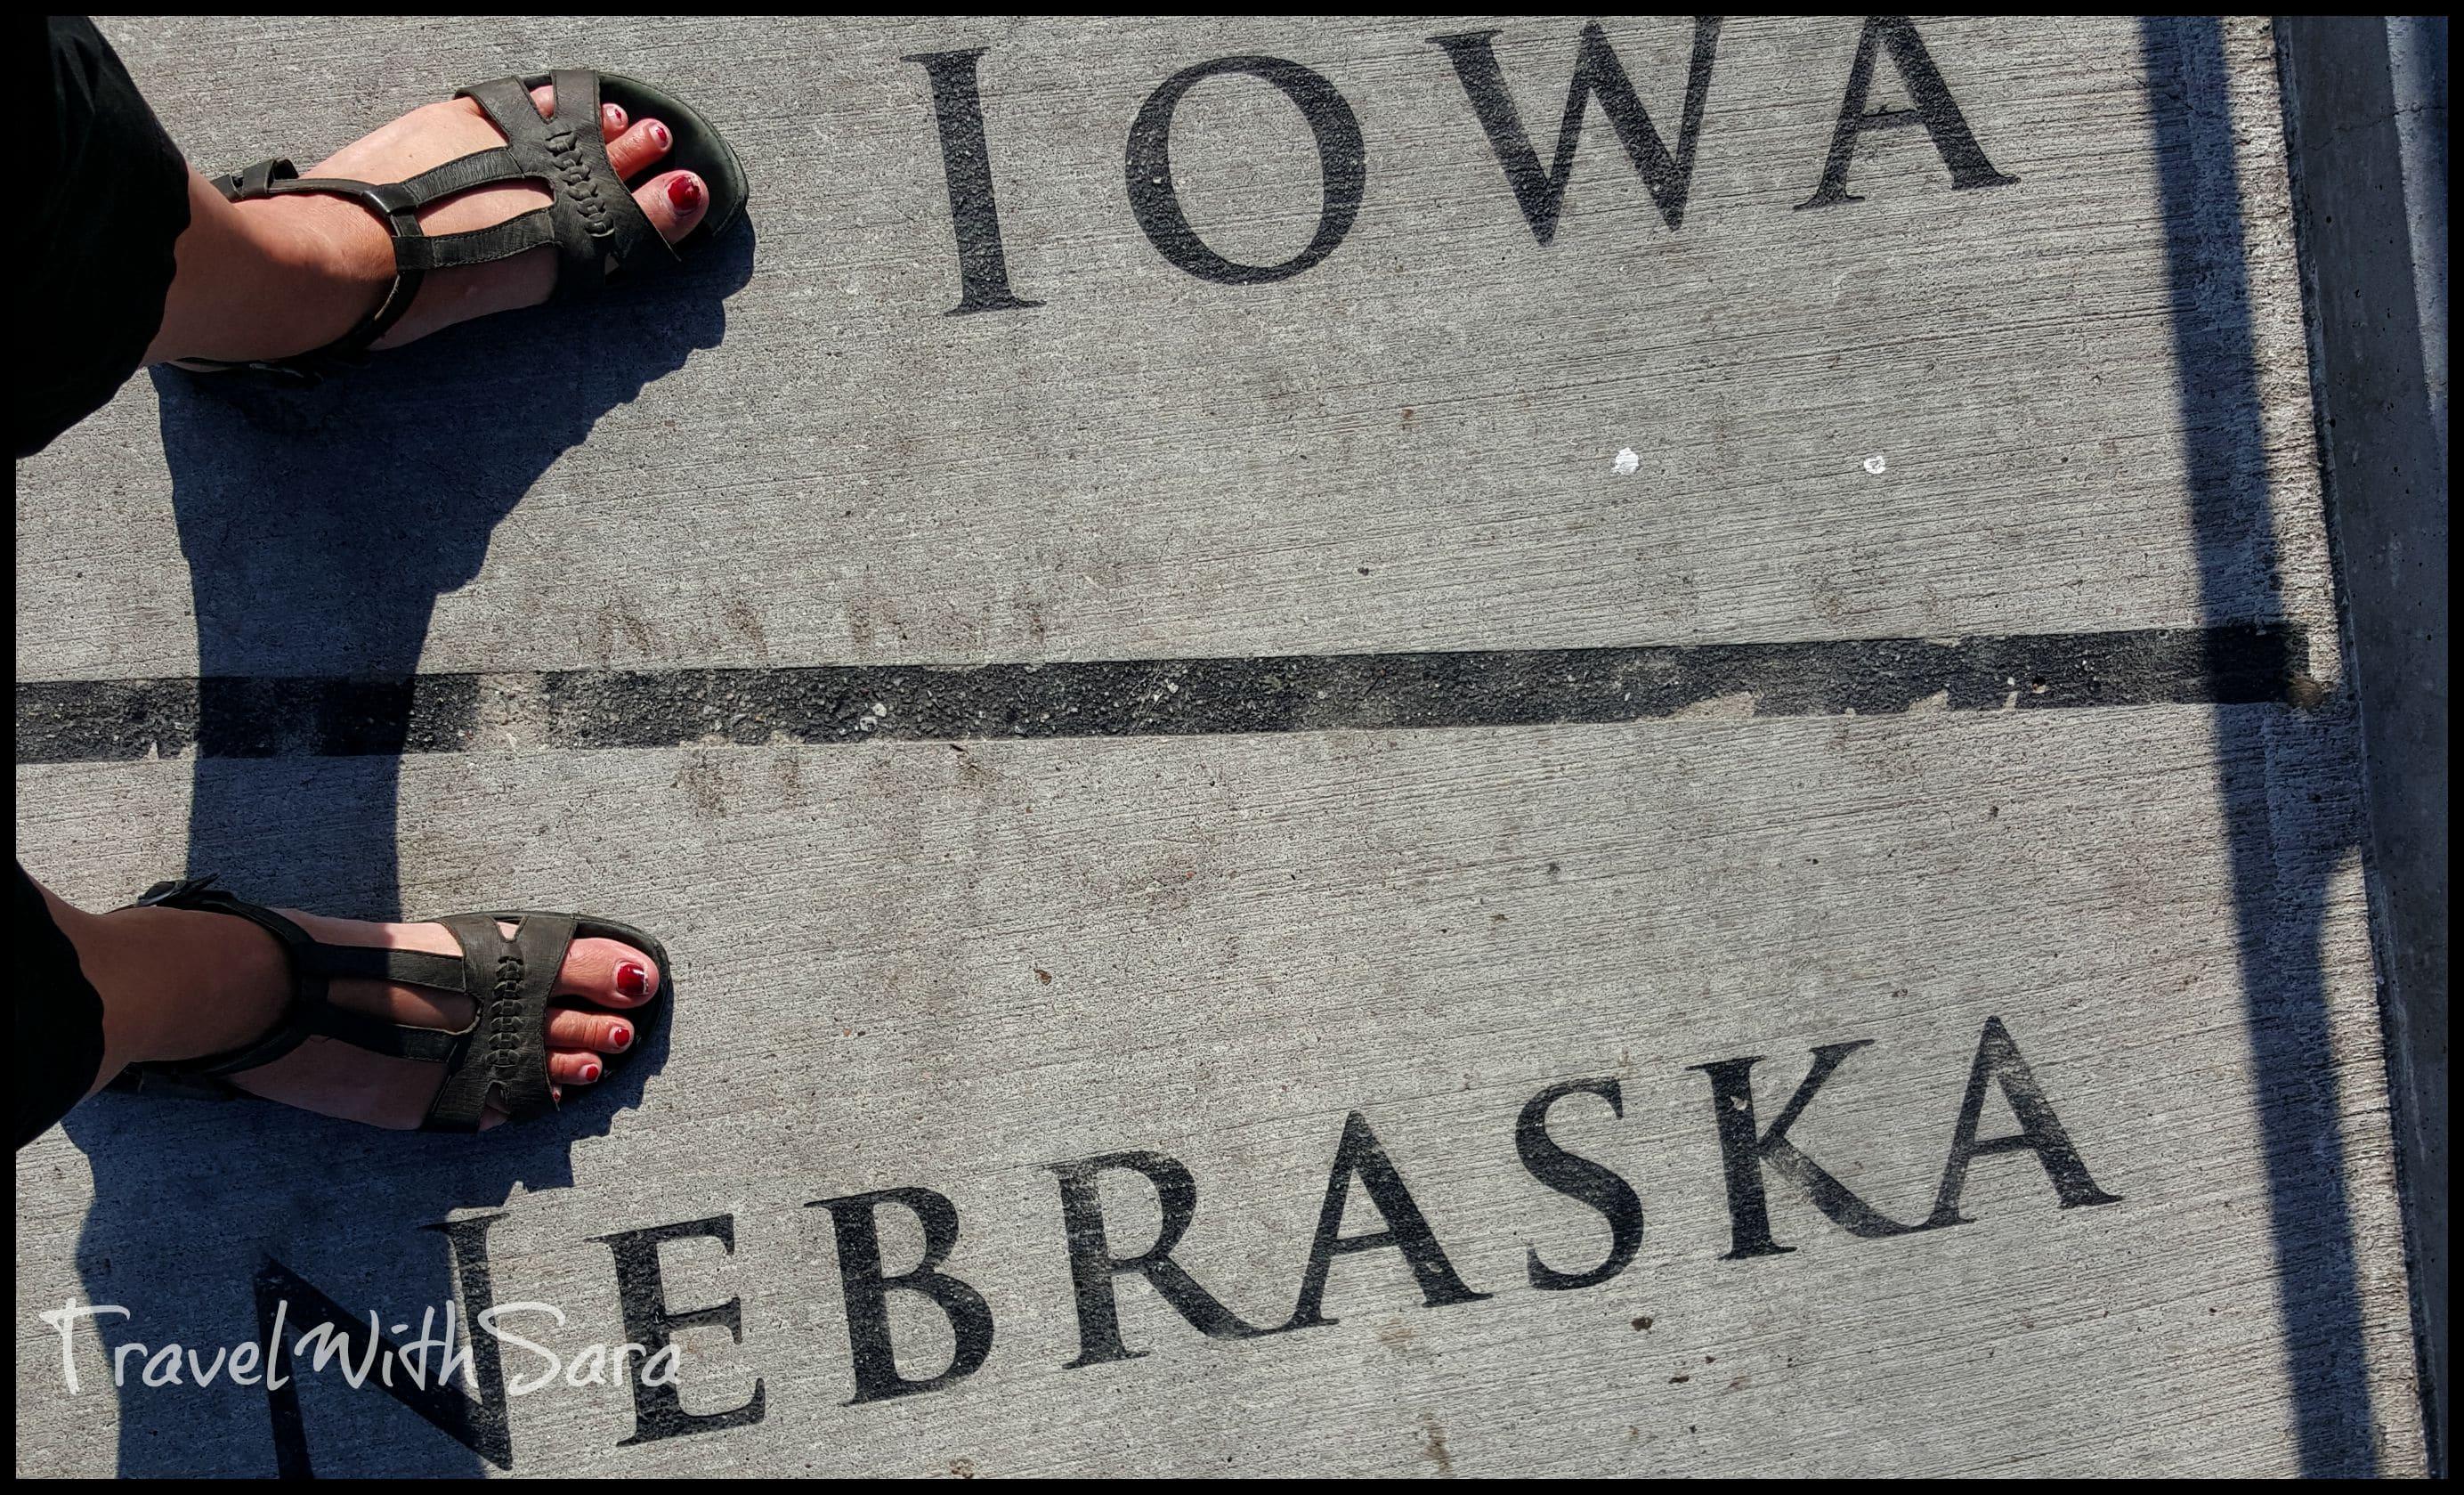 Nebraska chat